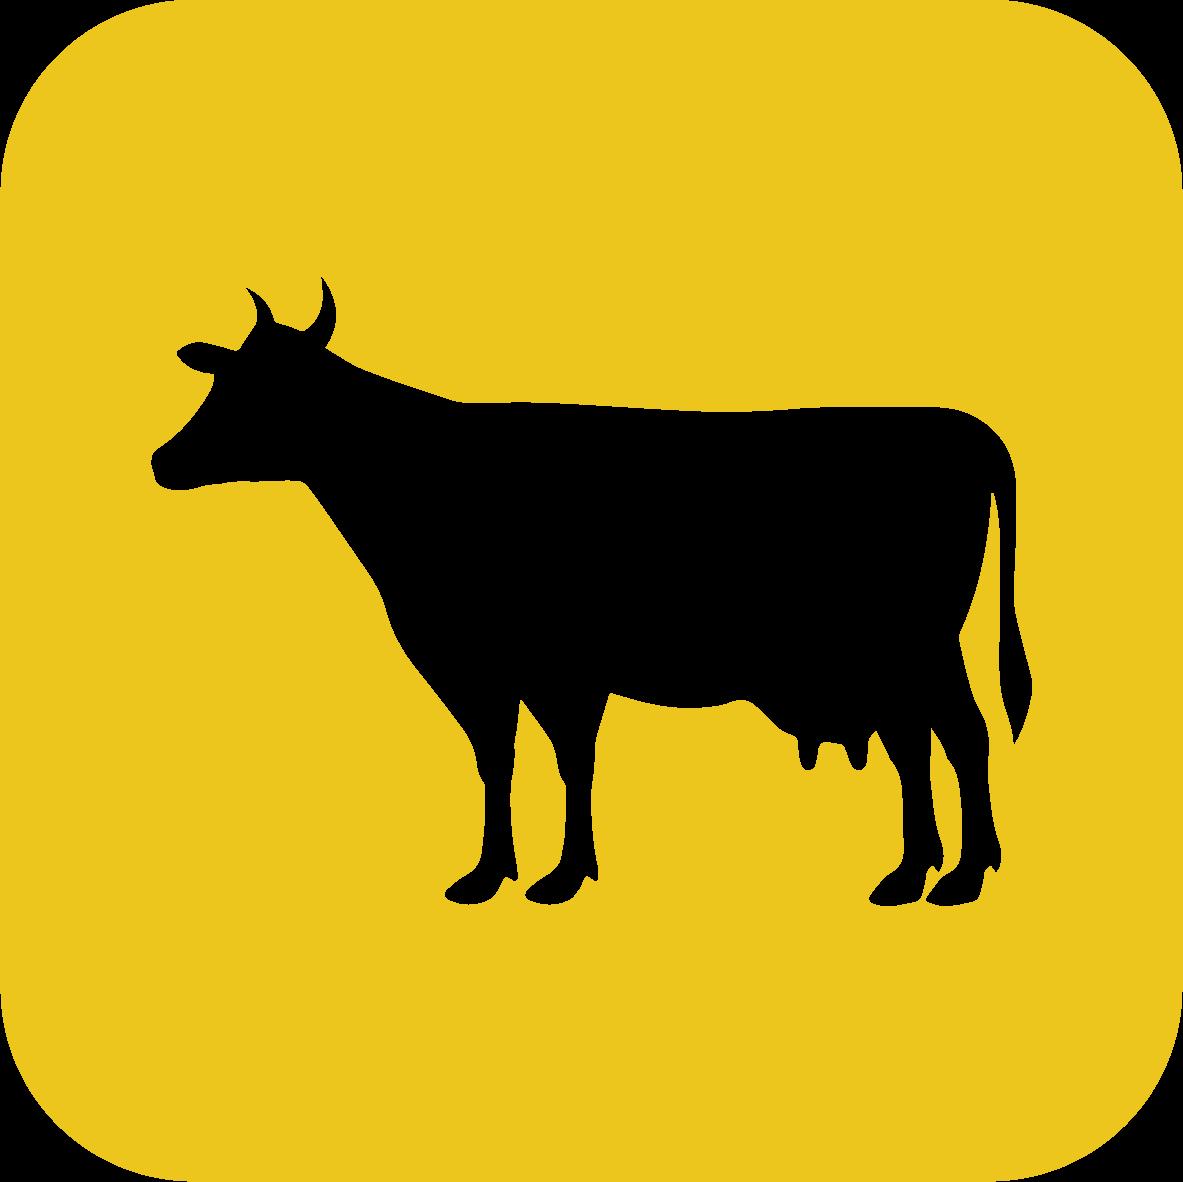 ไอคอน รั้วล้อมวัวของรั้วตาข่ายถักปม รุ่นสูง 165 ซม.